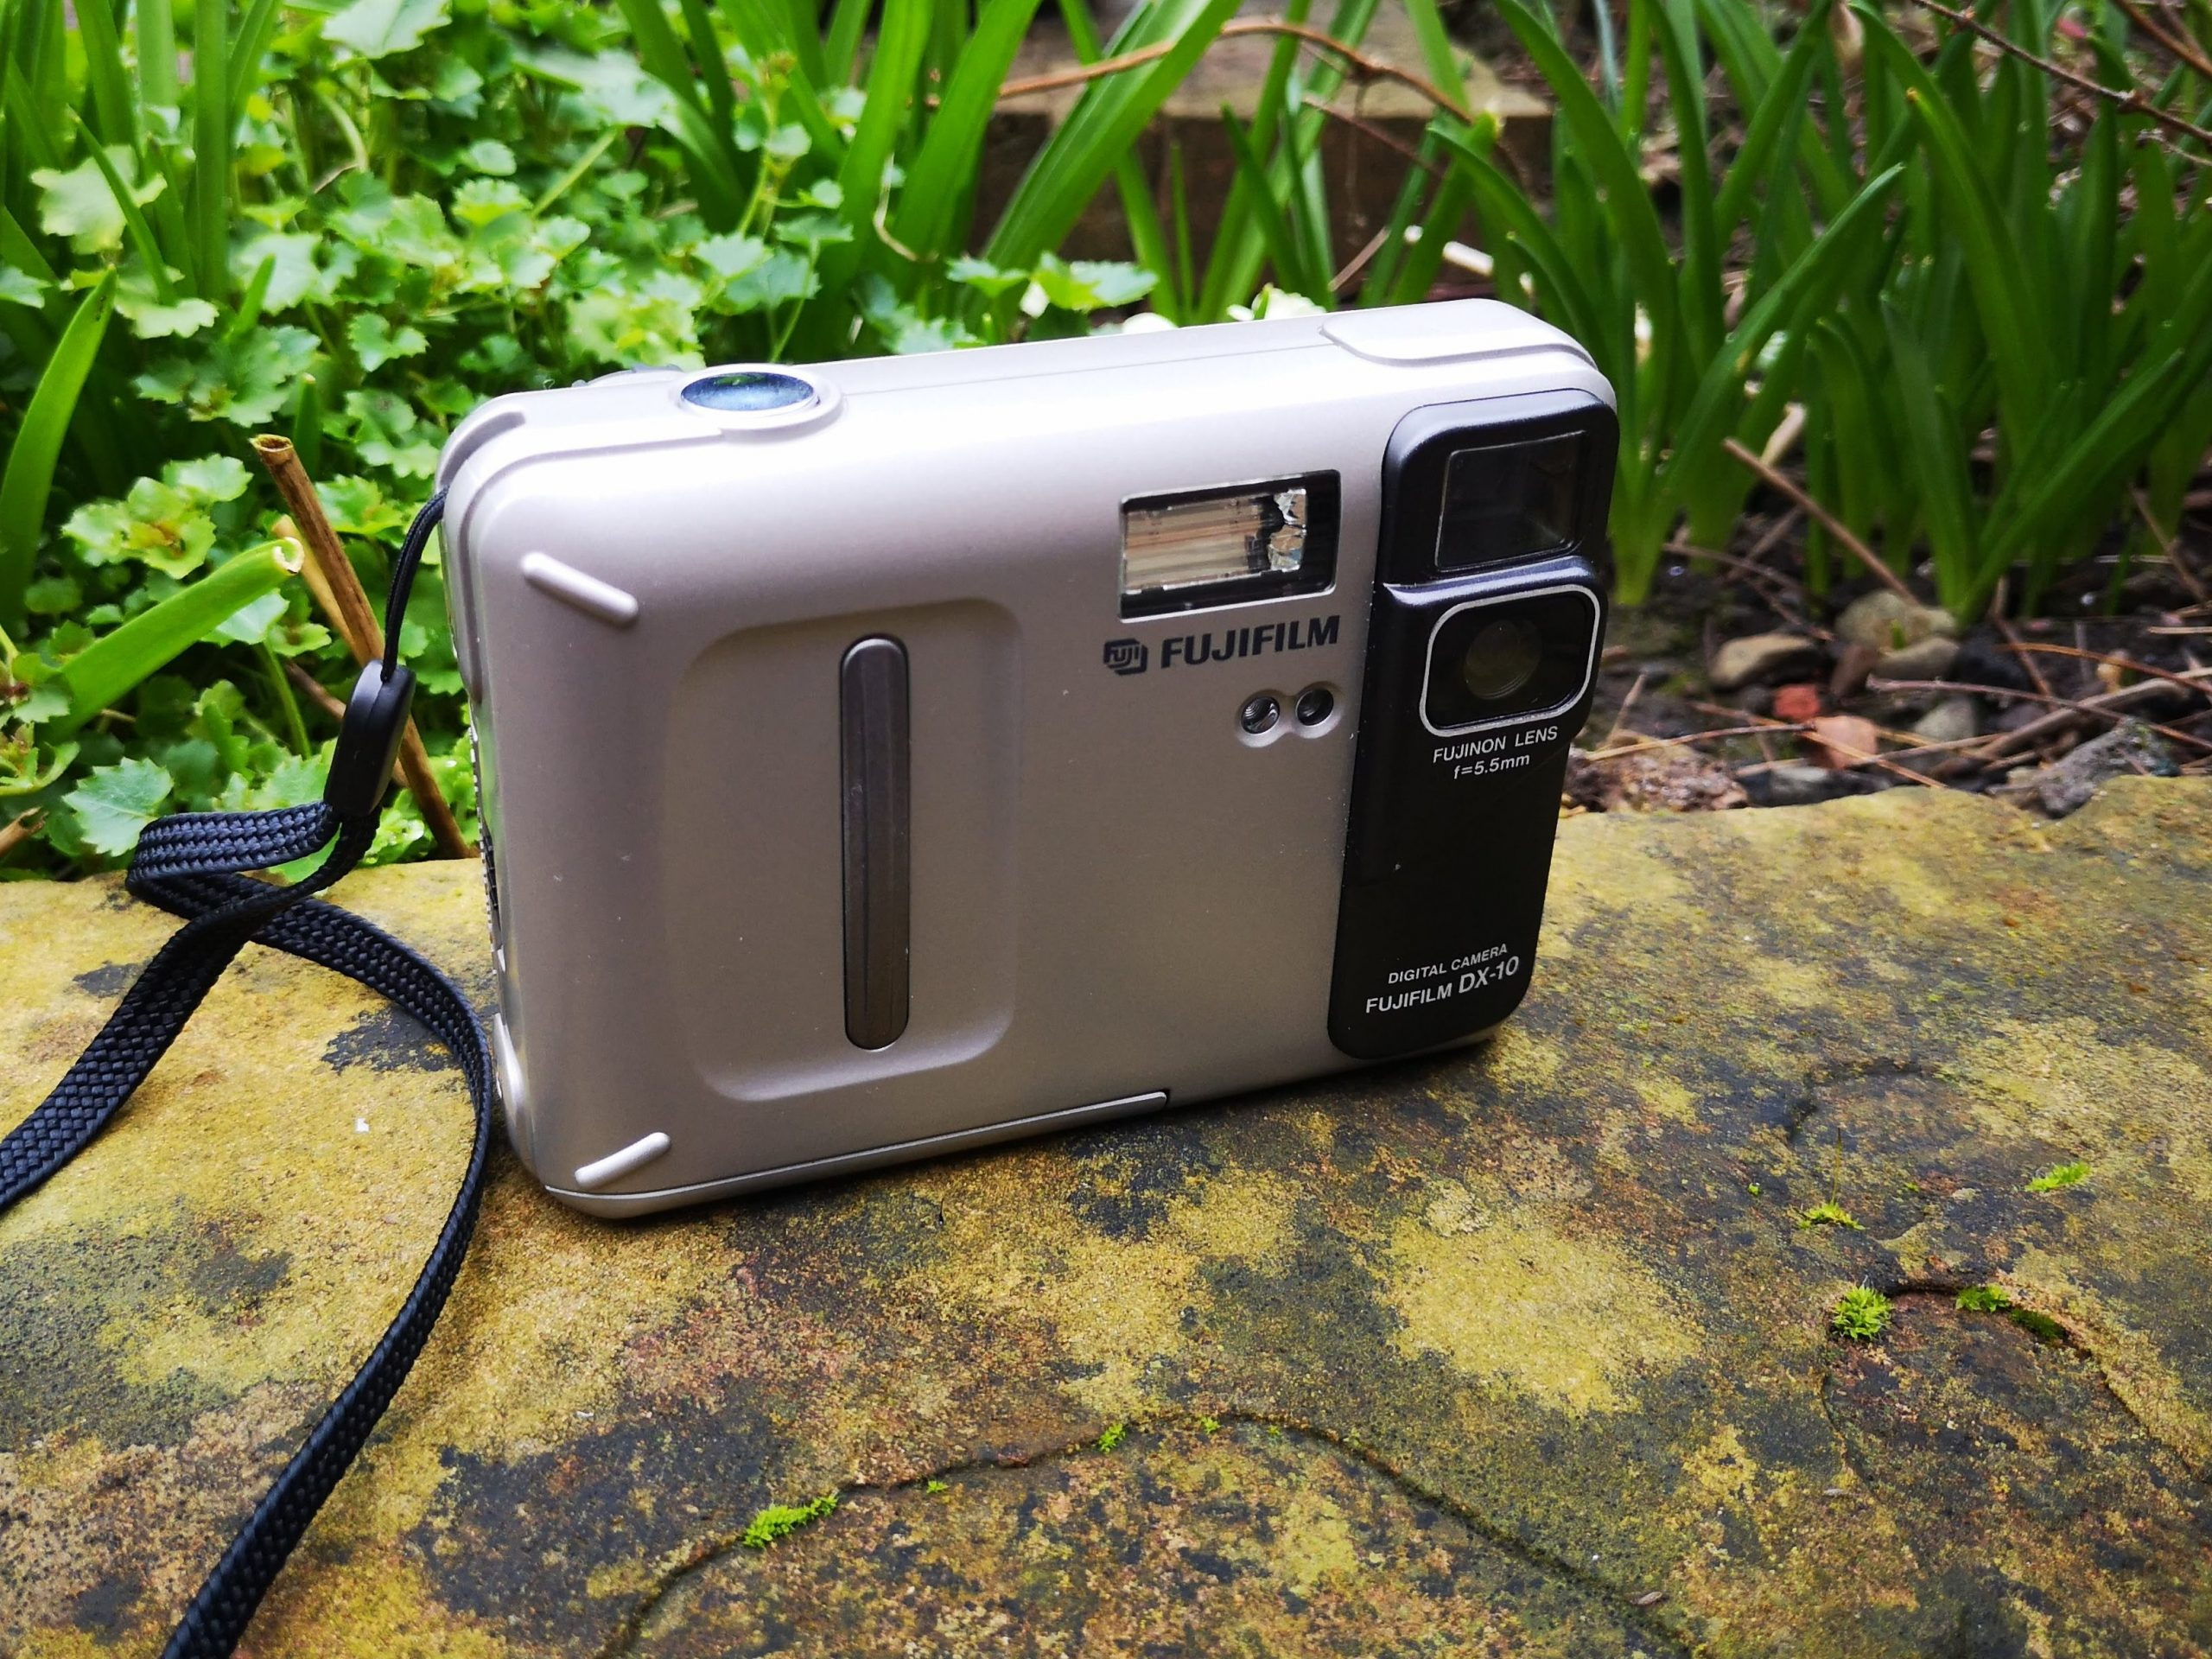 Fujifilm DX-10